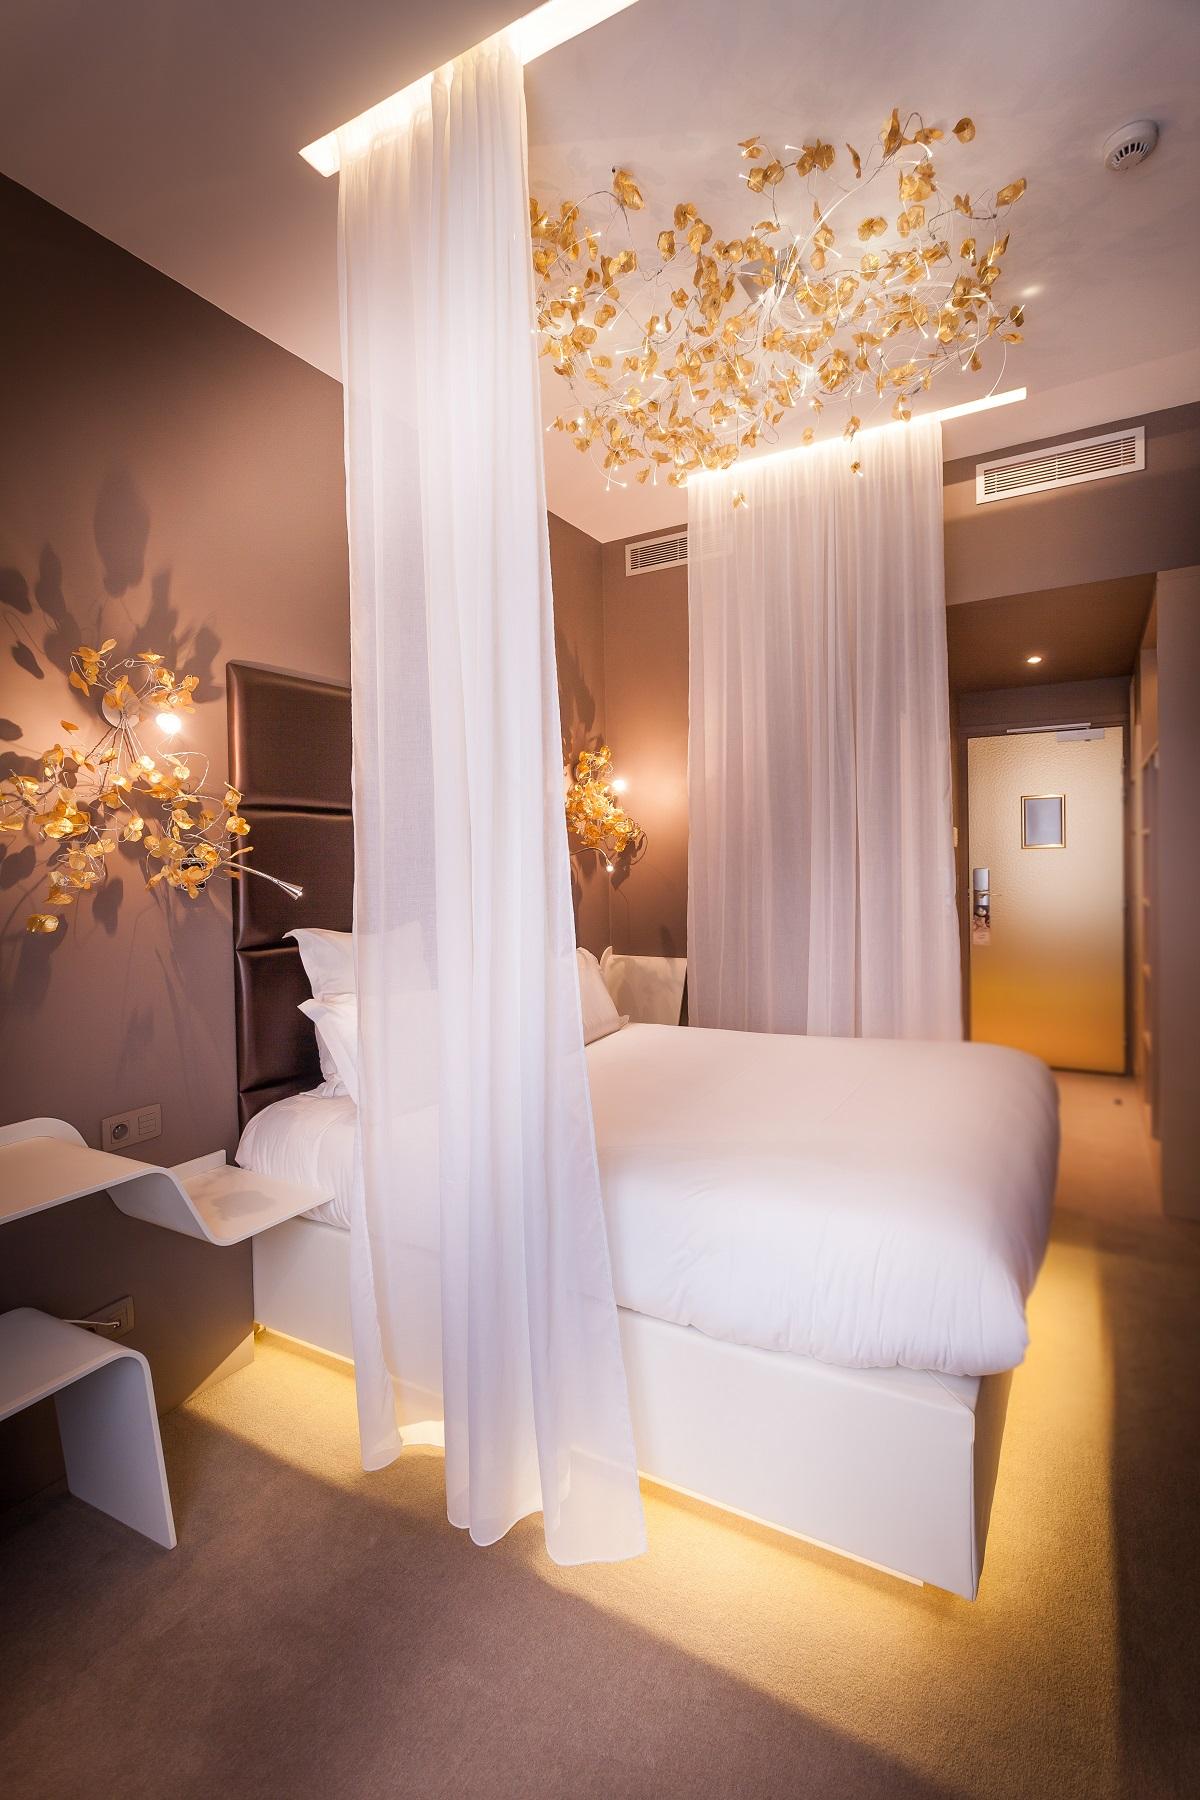 Legend Hotel - Paris, France